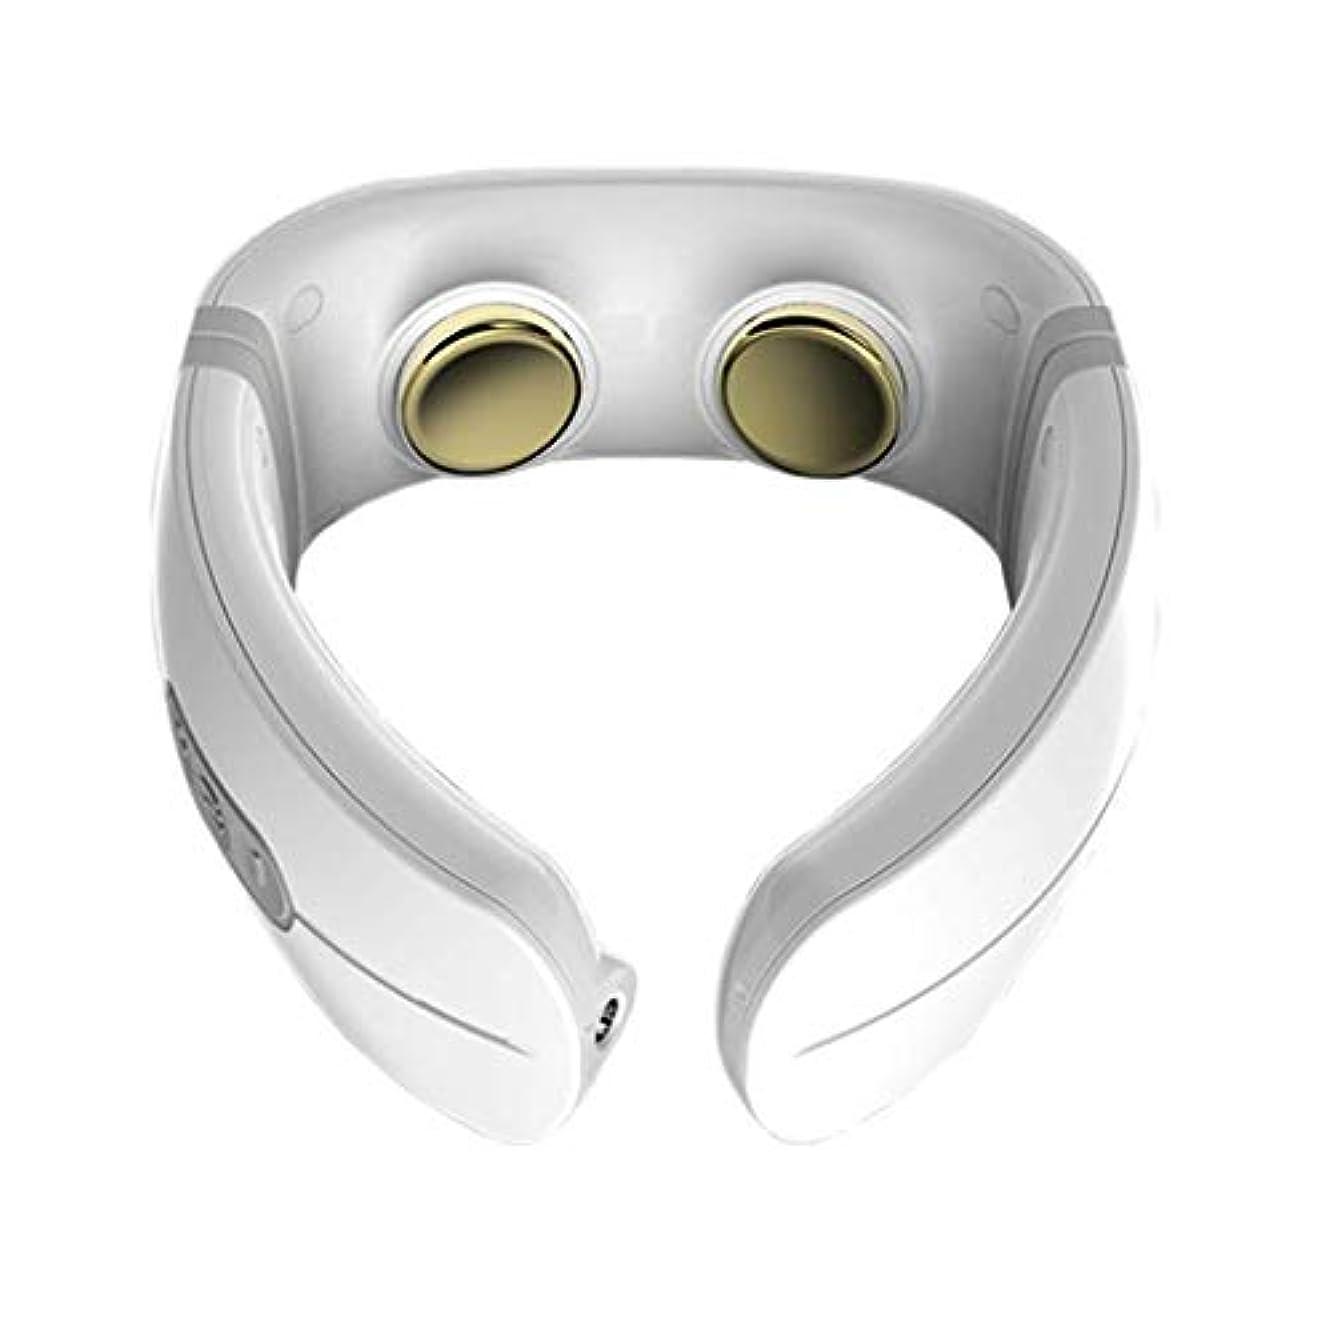 肩と首のマッサージャー、ポータブルマッサージャー、電気刺激加熱設定、指圧振動深練り、筋肉の弛緩、痛みの緩和、オフィスファミリーカー旅行に使用